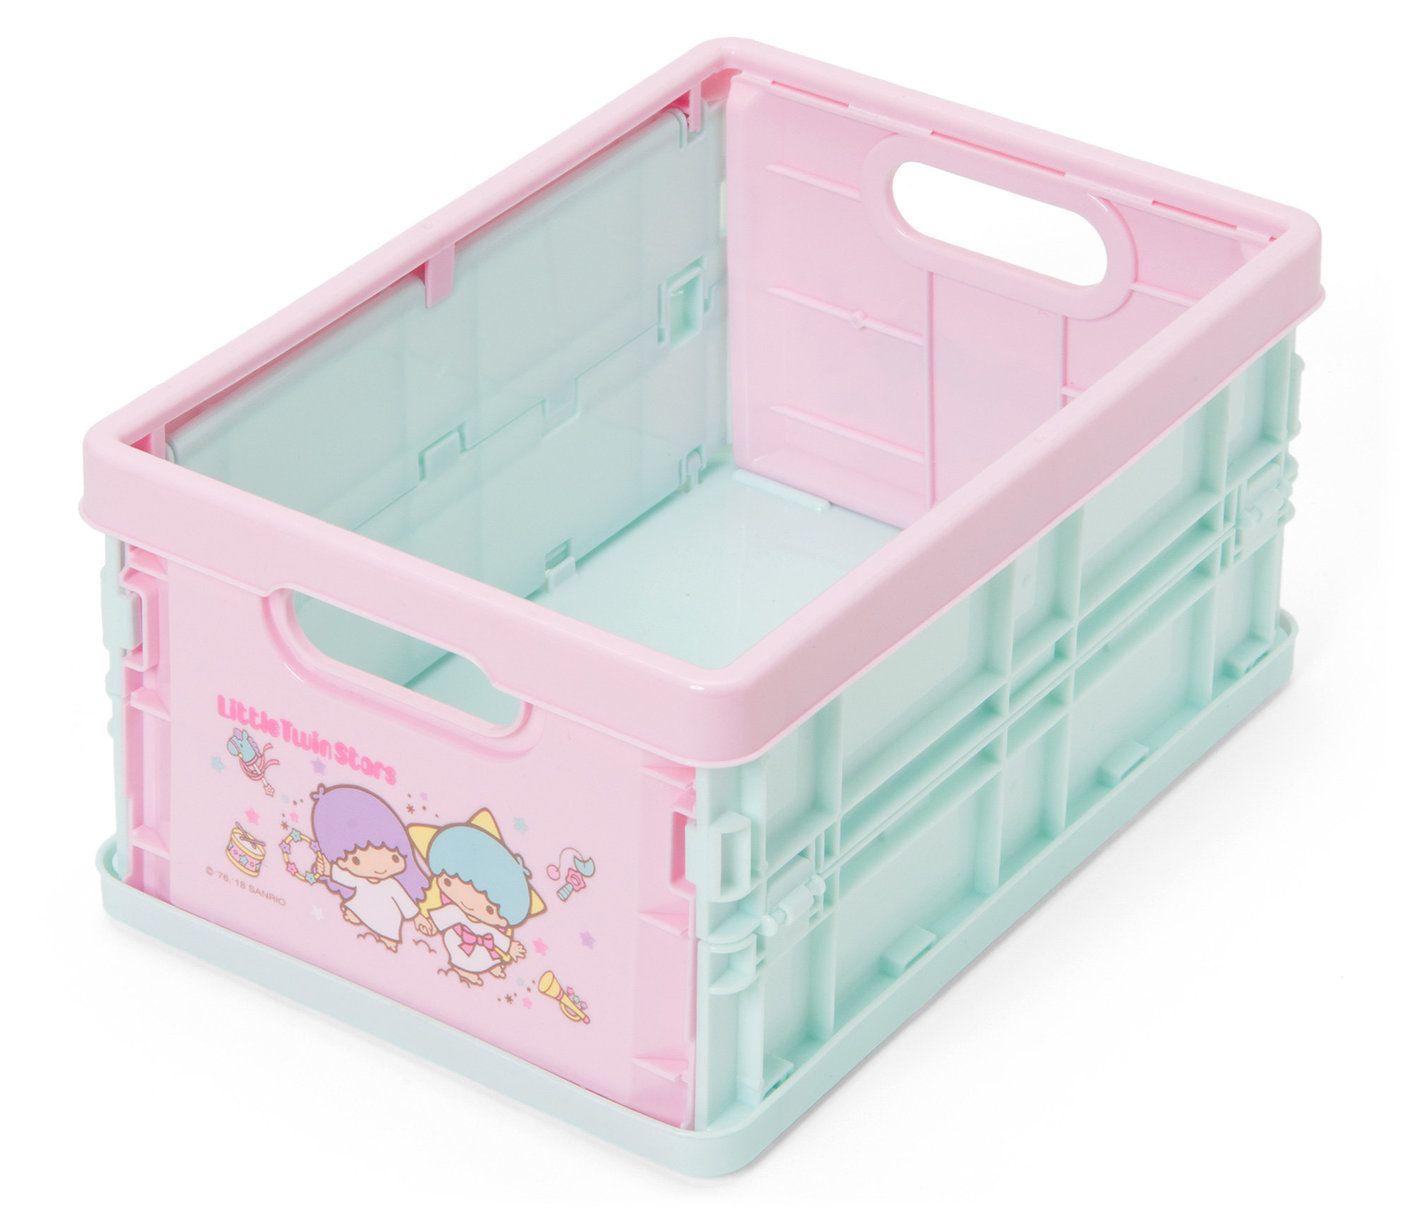 Small Little Twin Stars Storage Box Sanrio Storage Box Little Twin Stars Storage